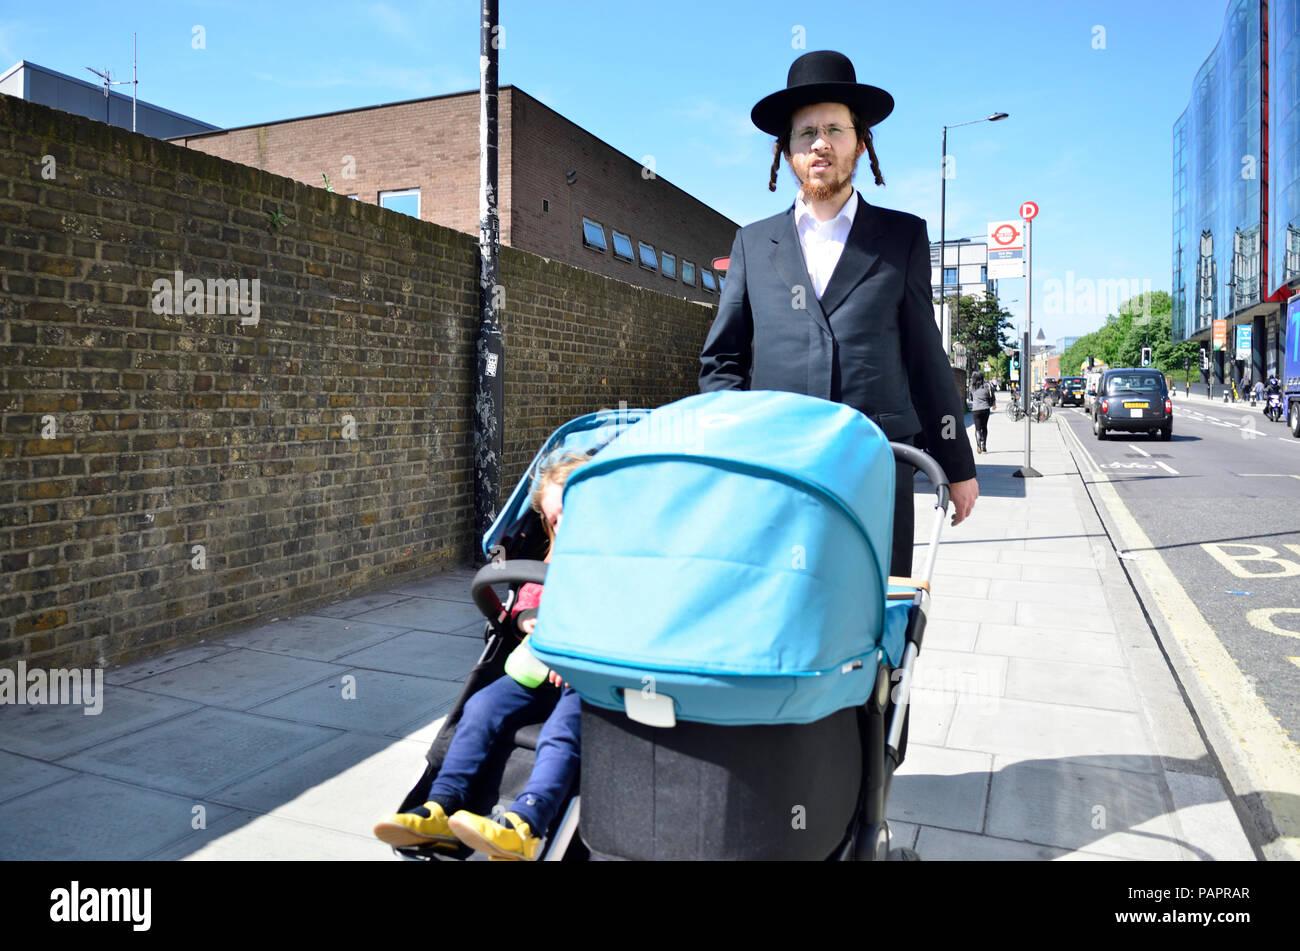 Orthodox / Hasidic Jewish man pushing a double pushchair, London, England, UK. - Stock Image